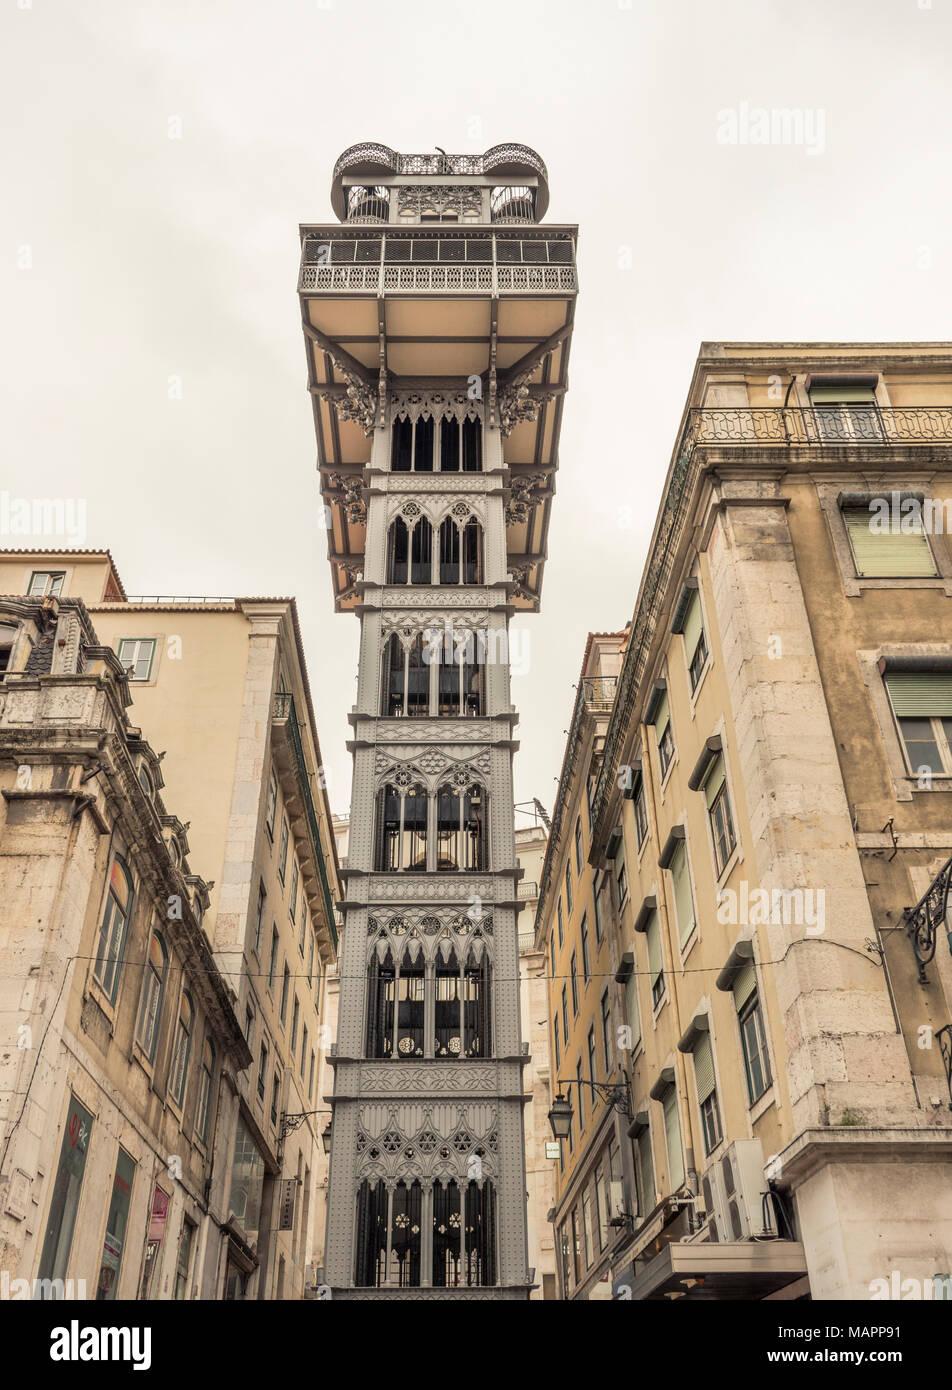 The Elevador de Santa Justa, Lisbon, Portugal Stock Photo ... on alto do pina lisbon, portugal lisbon, santos-o-velho lisbon, prazeres lisbon, campo grande lisbon, castelo lisbon, alvalade lisbon,